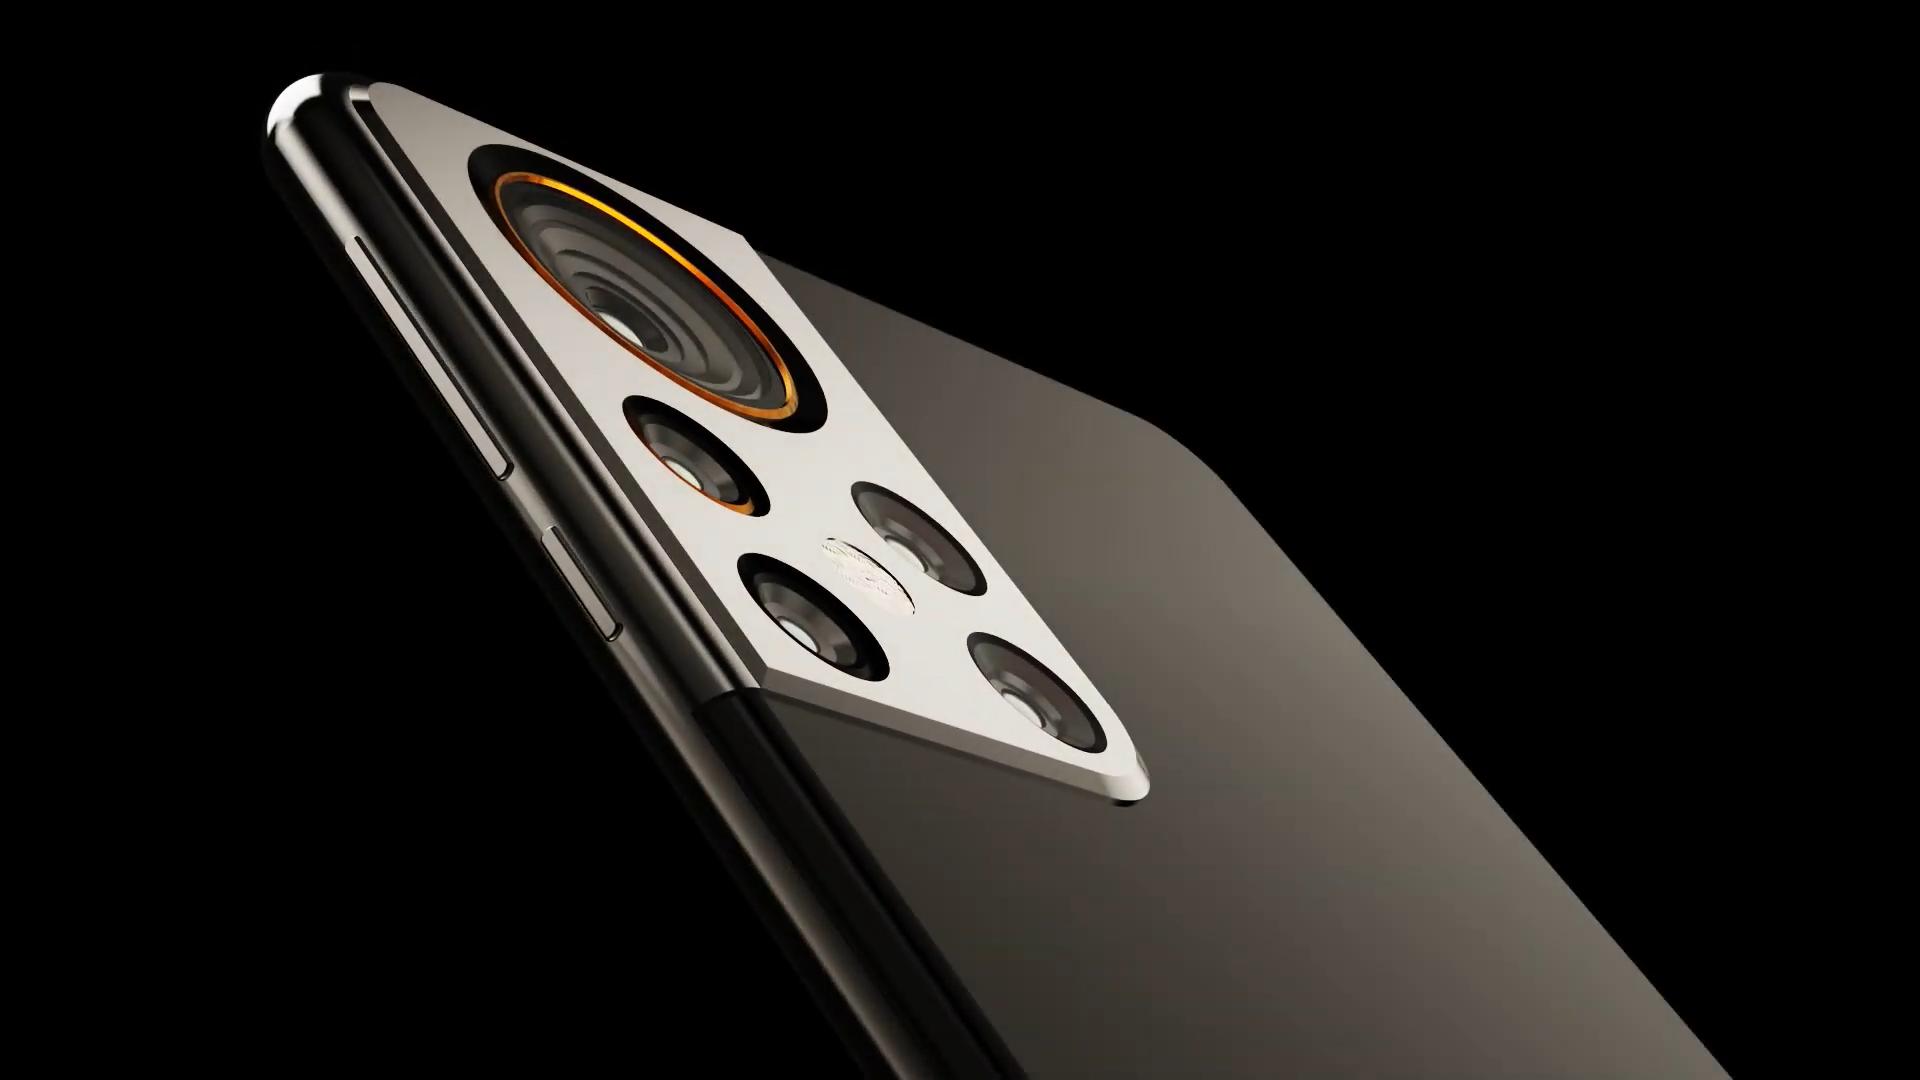 小米5G概念新机,2亿像素+100倍超级变焦,一款追求极致的旗舰机